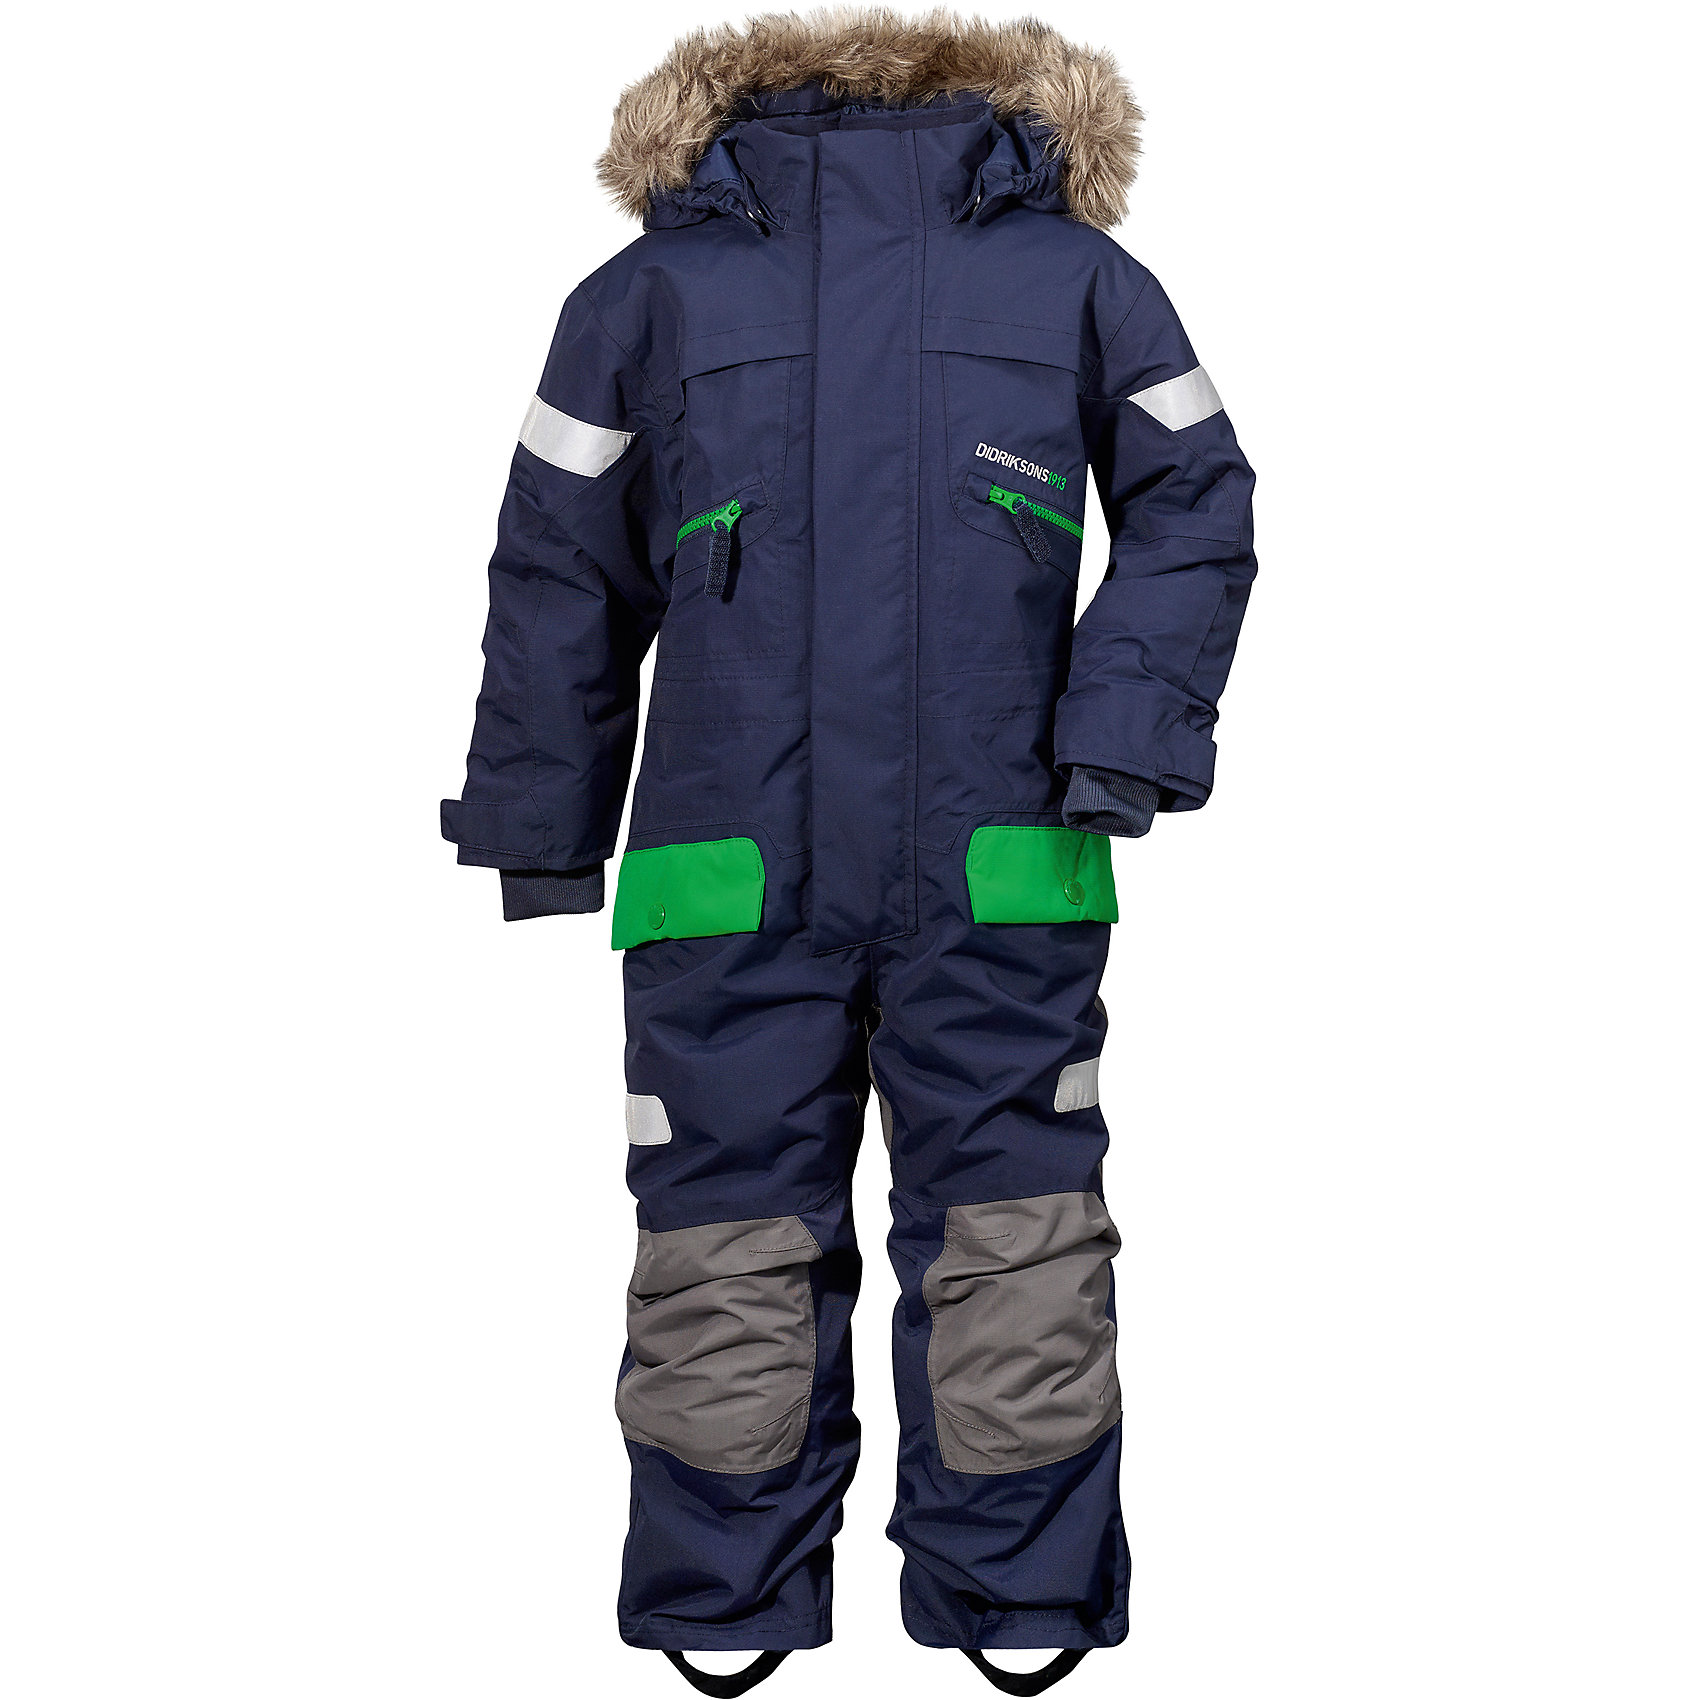 Комбинезон Theron DIDRIKSONSХарактеристики товара:<br><br>• цвет: синий<br>• материал: 100% полиамид, подкладка 100% полиэстер<br>• утеплитель: 180 г/м<br>• сезон: зима<br>• температурный режим от +5°до -25°С<br>• непромокаемая и непродуваемая мембранная ткань<br>• резинки для ботинок<br>• дополнительная пропитка верха<br>• прокленные швы<br>• регулируемый съемный капюшон<br>• талия, манжеты и ширина брючины регулируется<br>• внутренние гетры<br>• внутренние трикотажные манжеты<br>• фронтальная молния под планкой<br>• светоотражающие детали<br>• можно увеличить длину рукавов и штанин на один размер <br>• страна бренда: Швеция<br>• страна производства: Бангладеш<br><br>Такой комбинезон незаменим зимой! Это не только стильно, но еще и очень комфортно, а также тепло. Он обеспечит ребенку удобство при прогулках и активном отдыхе зимой. Комбинезон от шведского производителя легко трансформируется под рост ребенка и погодные условия.<br>Модель сшита из мембранной ткани, которая позволяет телу дышать, но при этом не промокает и не продувается. Очень стильная и удобная модель! Изделие качественно выполнено, сделано из безопасных для детей материалов. <br><br>Комбинезон от бренда DIDRIKSONS можно купить в нашем интернет-магазине.<br><br>Ширина мм: 356<br>Глубина мм: 10<br>Высота мм: 245<br>Вес г: 519<br>Цвет: синий<br>Возраст от месяцев: 36<br>Возраст до месяцев: 48<br>Пол: Мужской<br>Возраст: Детский<br>Размер: 90,80,110,100,120<br>SKU: 5003849